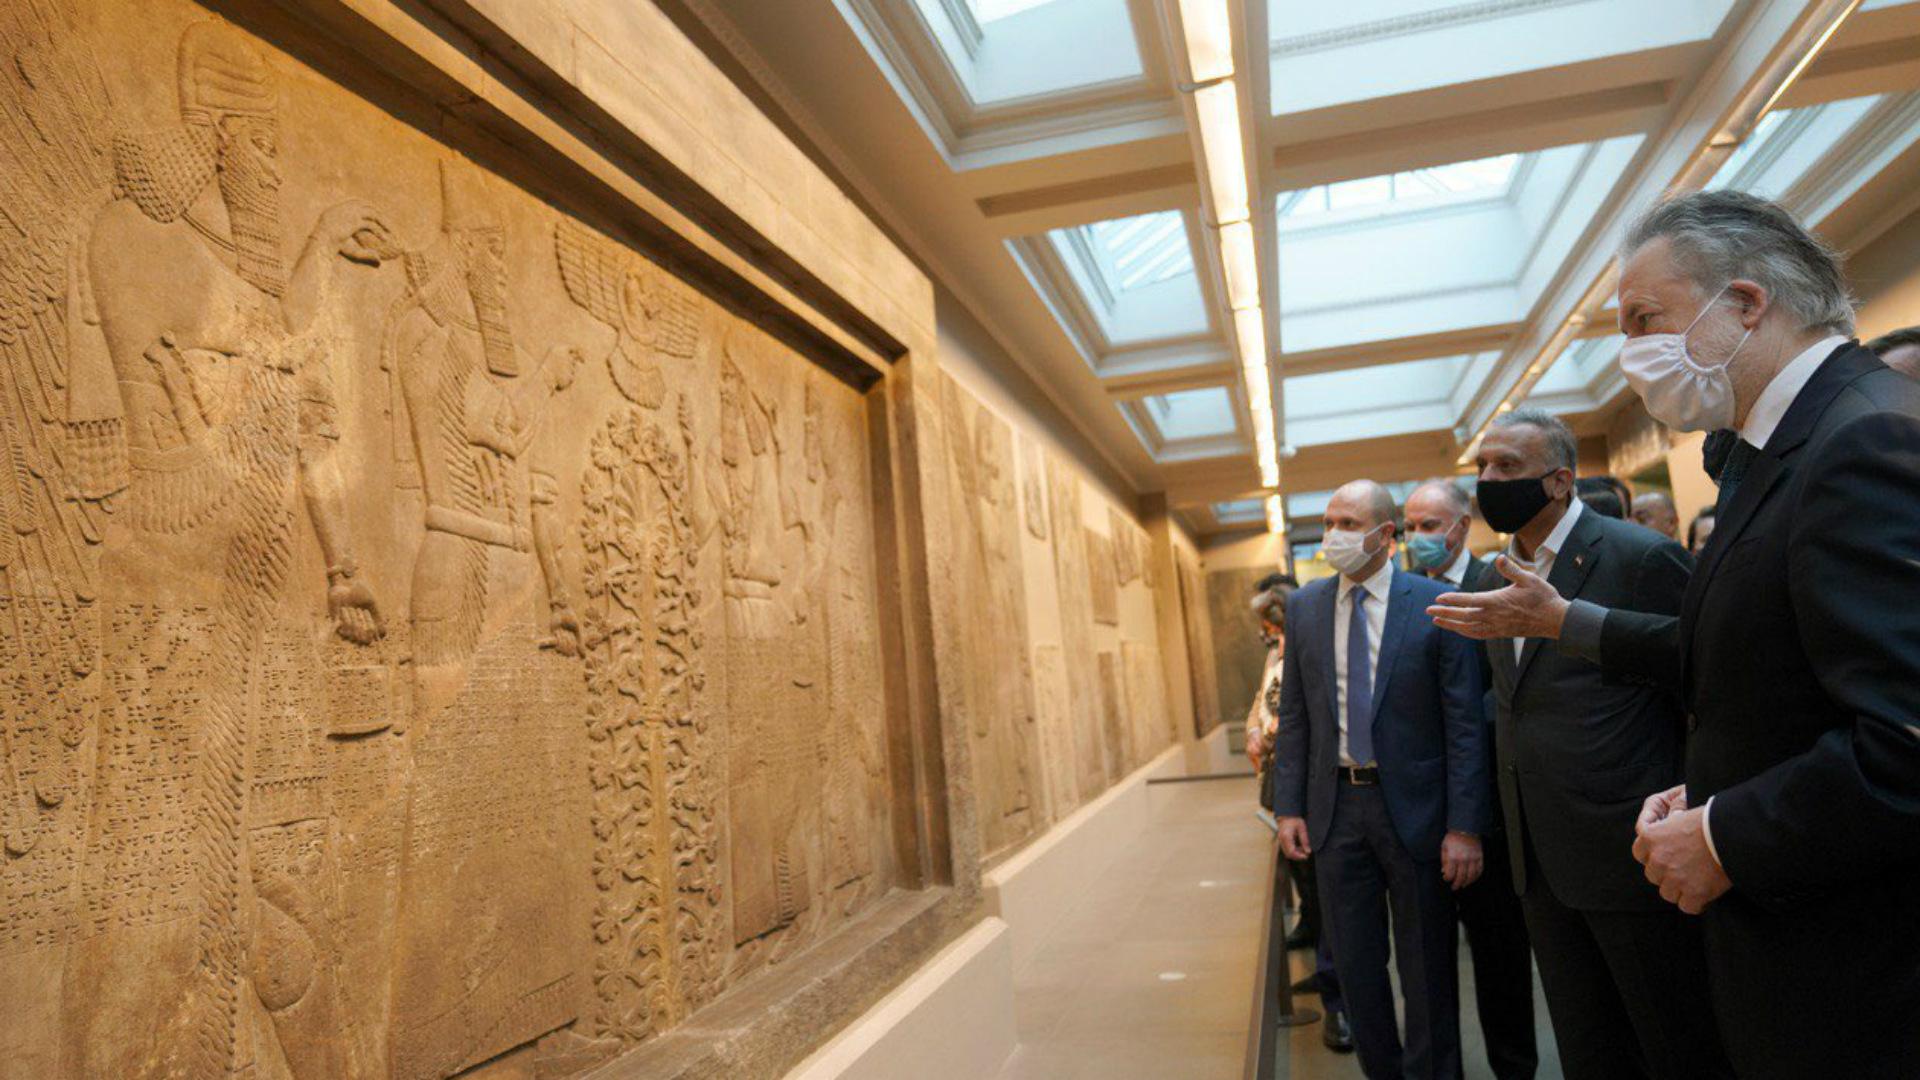 المتحف البريطاني: زيارة الكاظمي استعادت آلاف القطع الأثرية